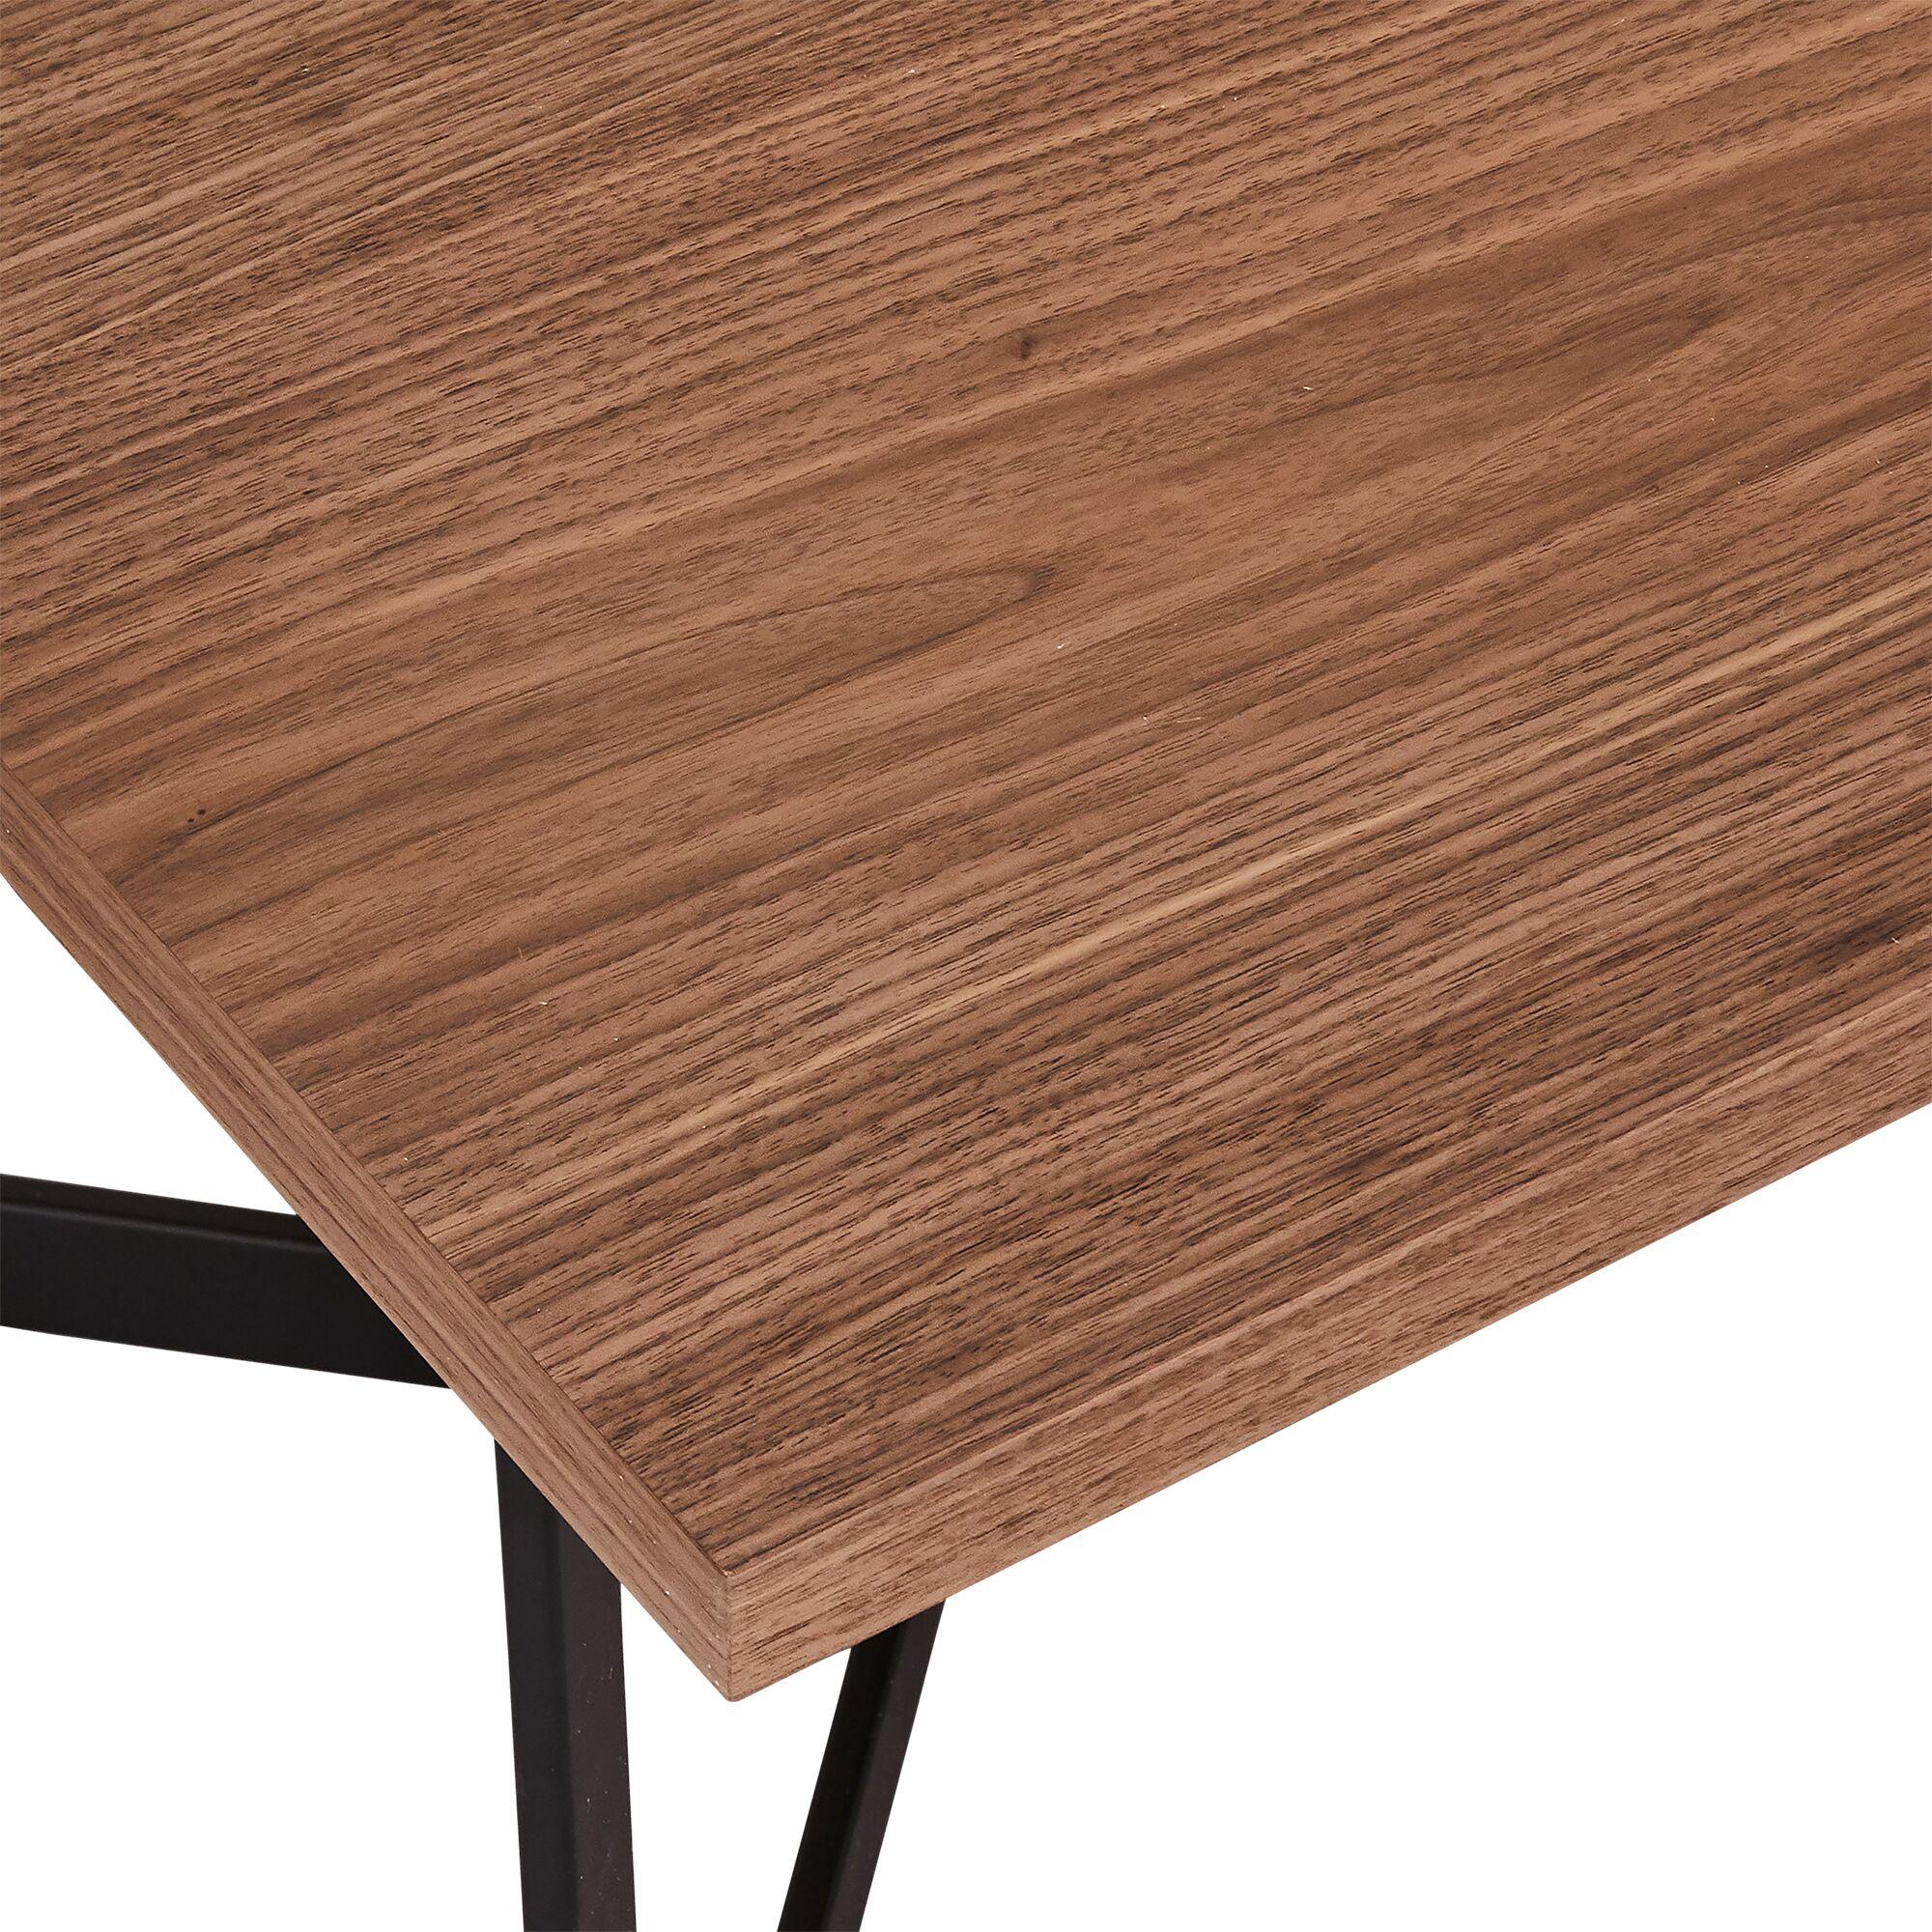 Tokyo sofabord valnød, køb din nye Tokyo sofabord valnød på